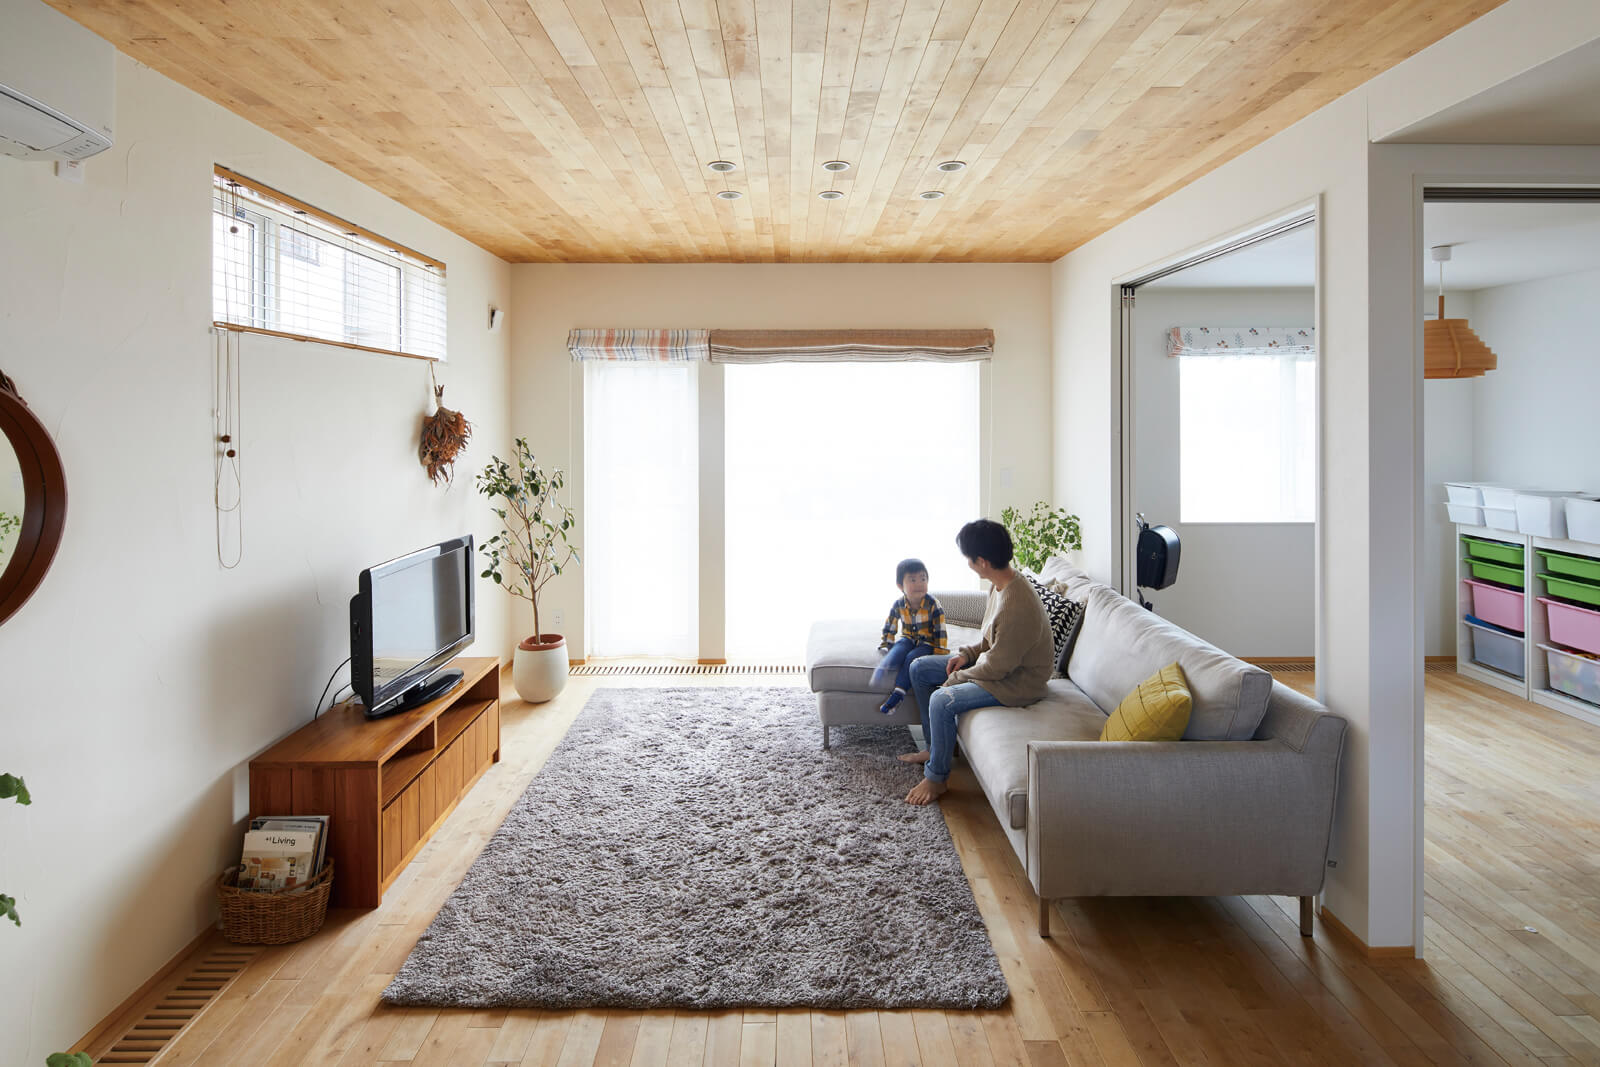 リビングの板張り天井は無垢材の素材感を視覚的にも楽しめる